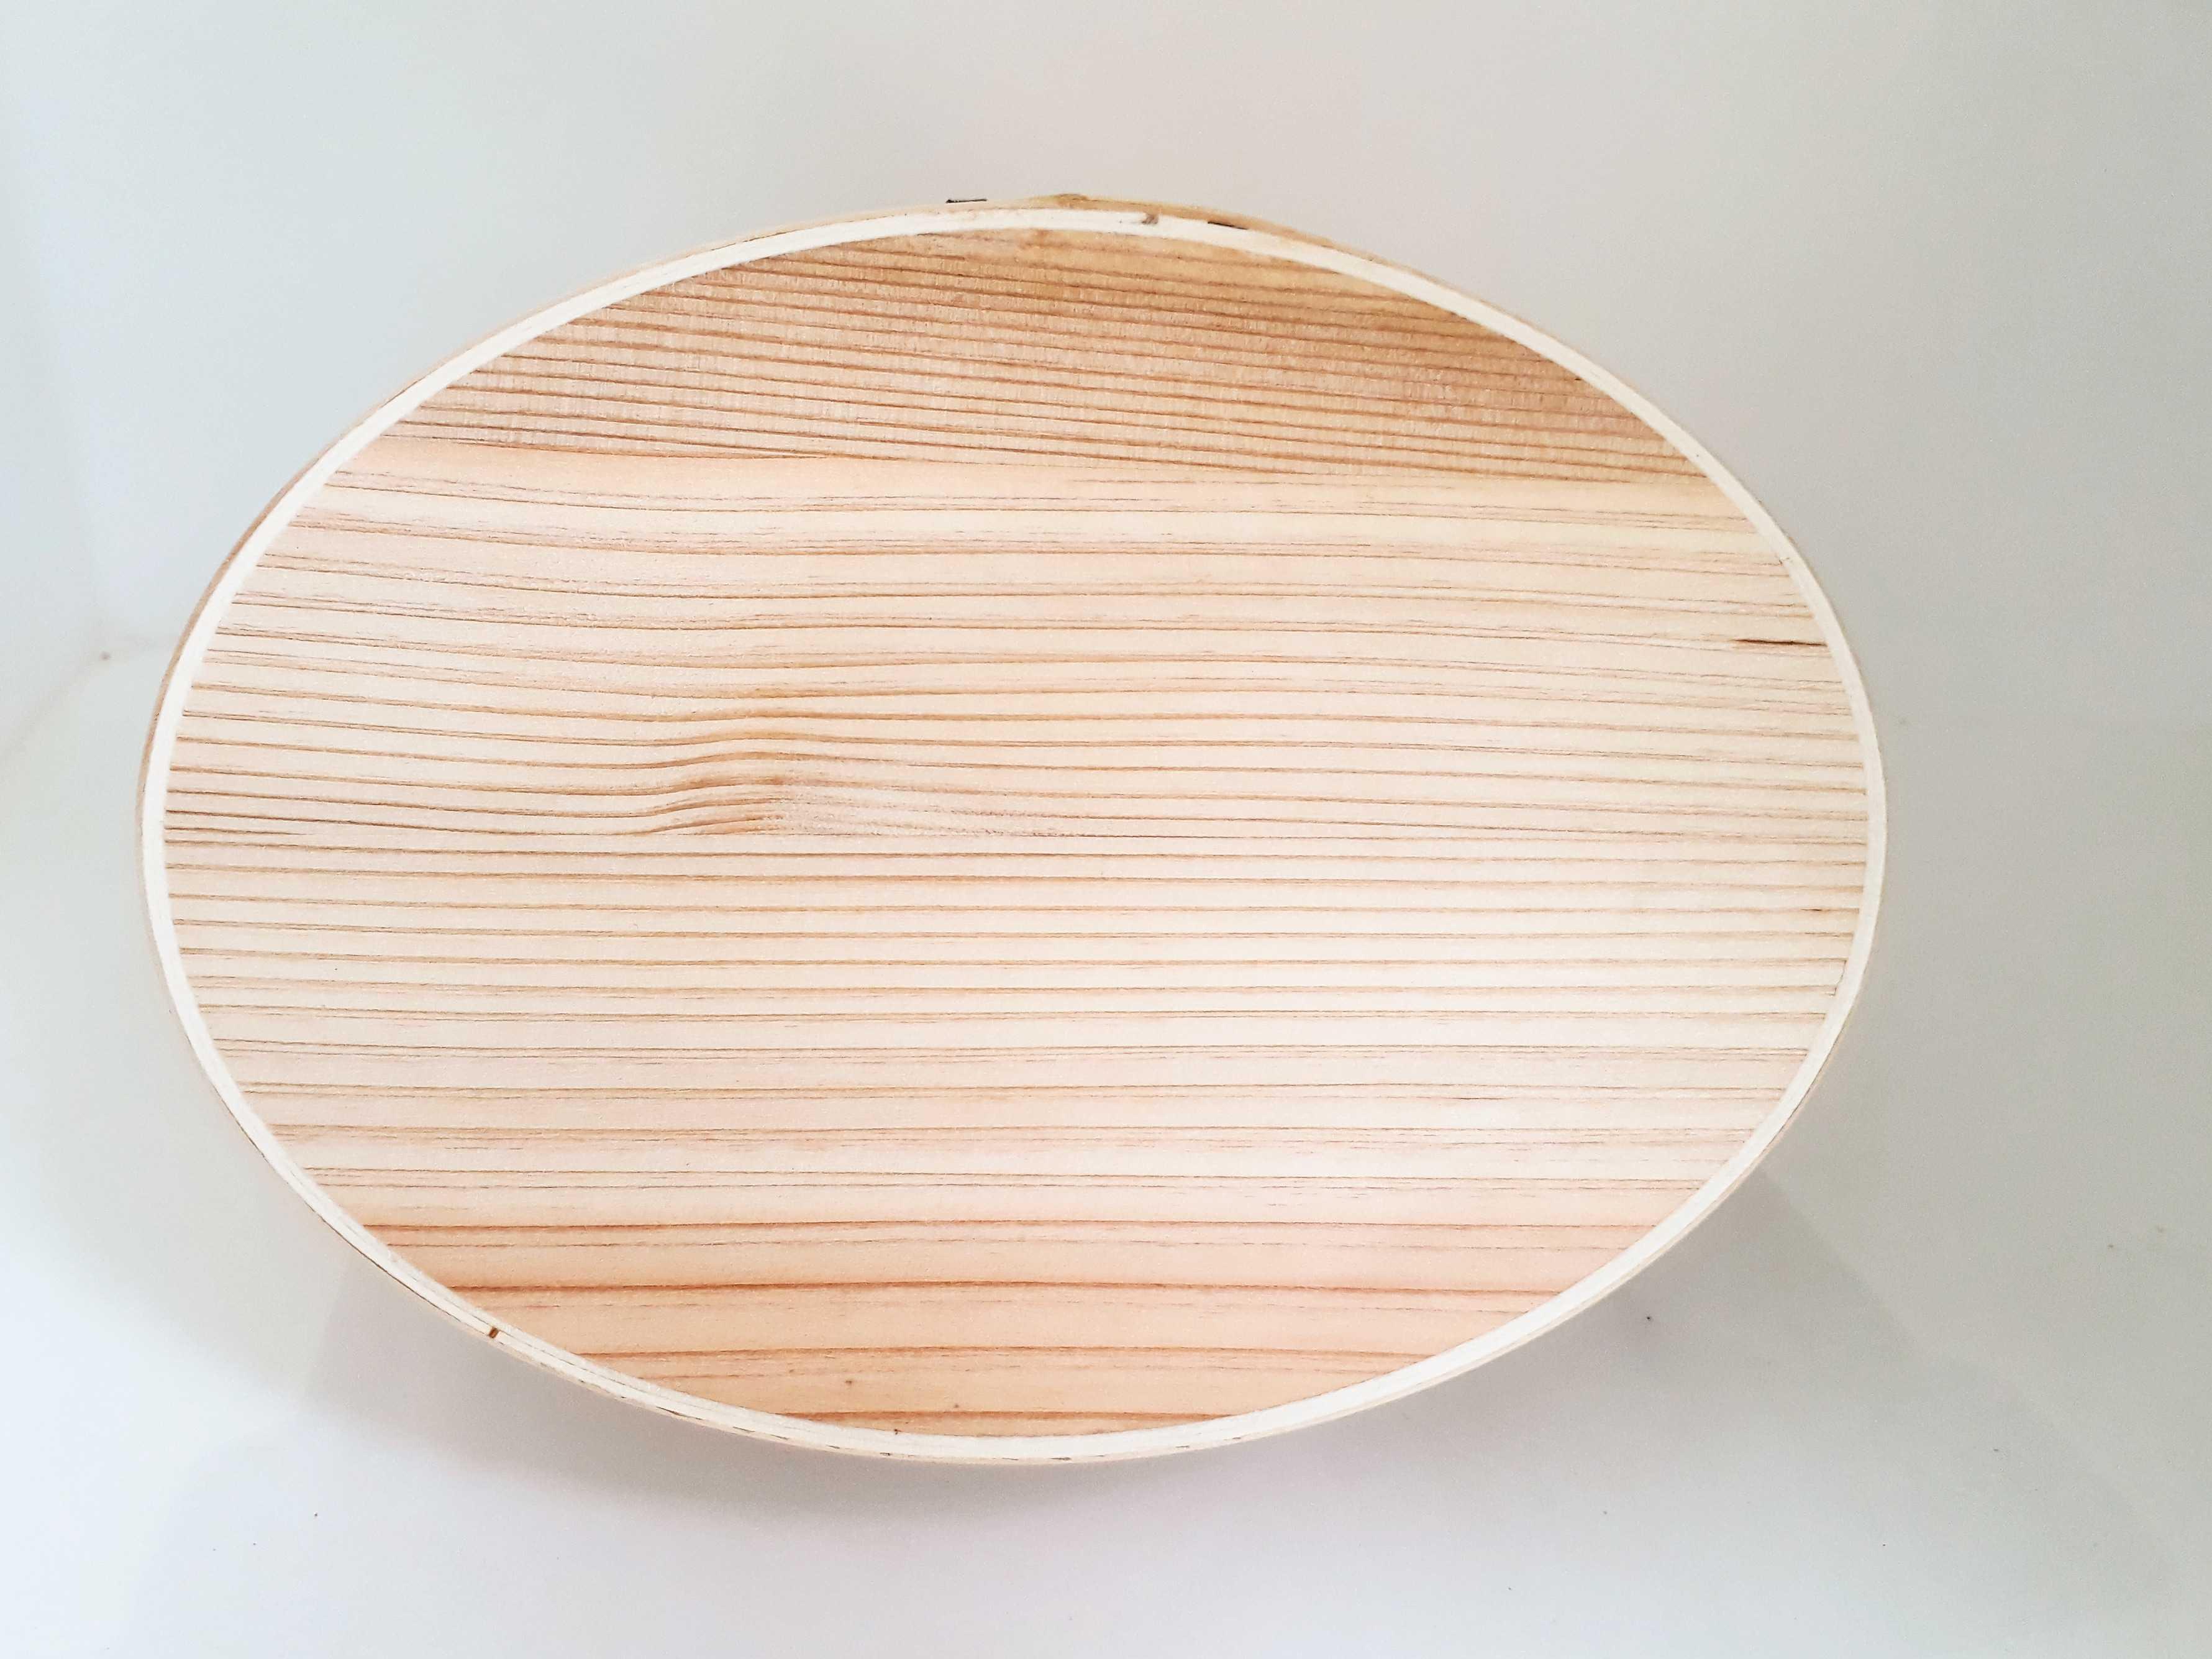 Hộp cơm Bento làm từ gỗ Tuyết Tùng - Nhập khẩu Nhật Bản